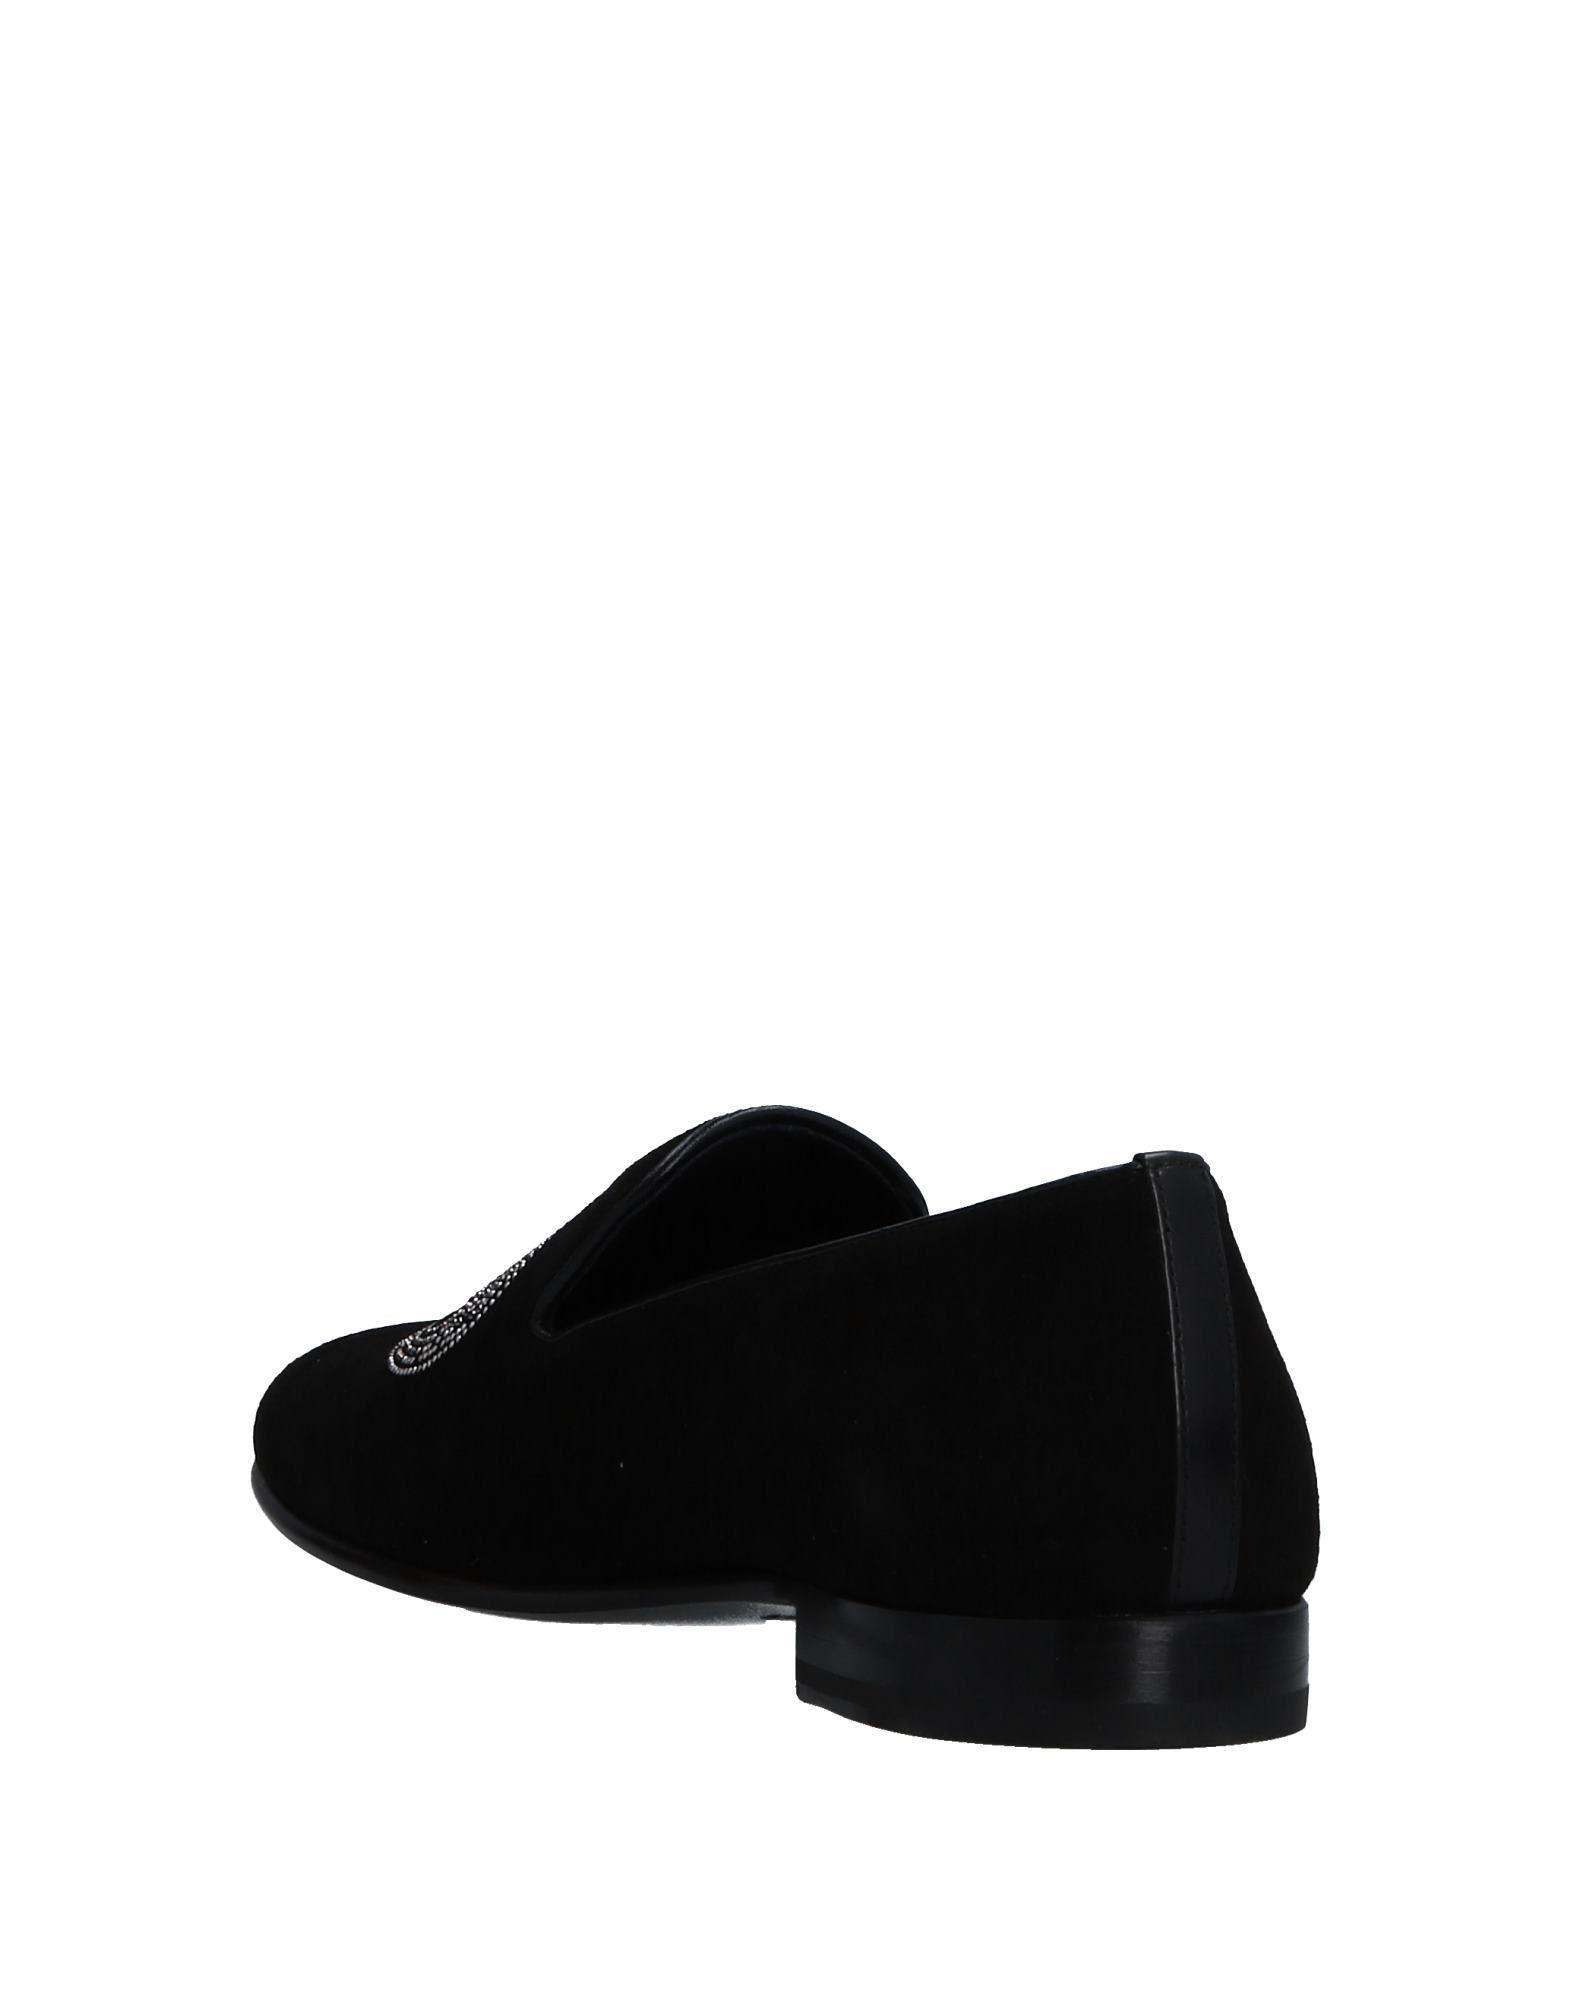 Versace Mokassins Mokassins Mokassins Herren  11529766TT Heiße Schuhe 8bed04